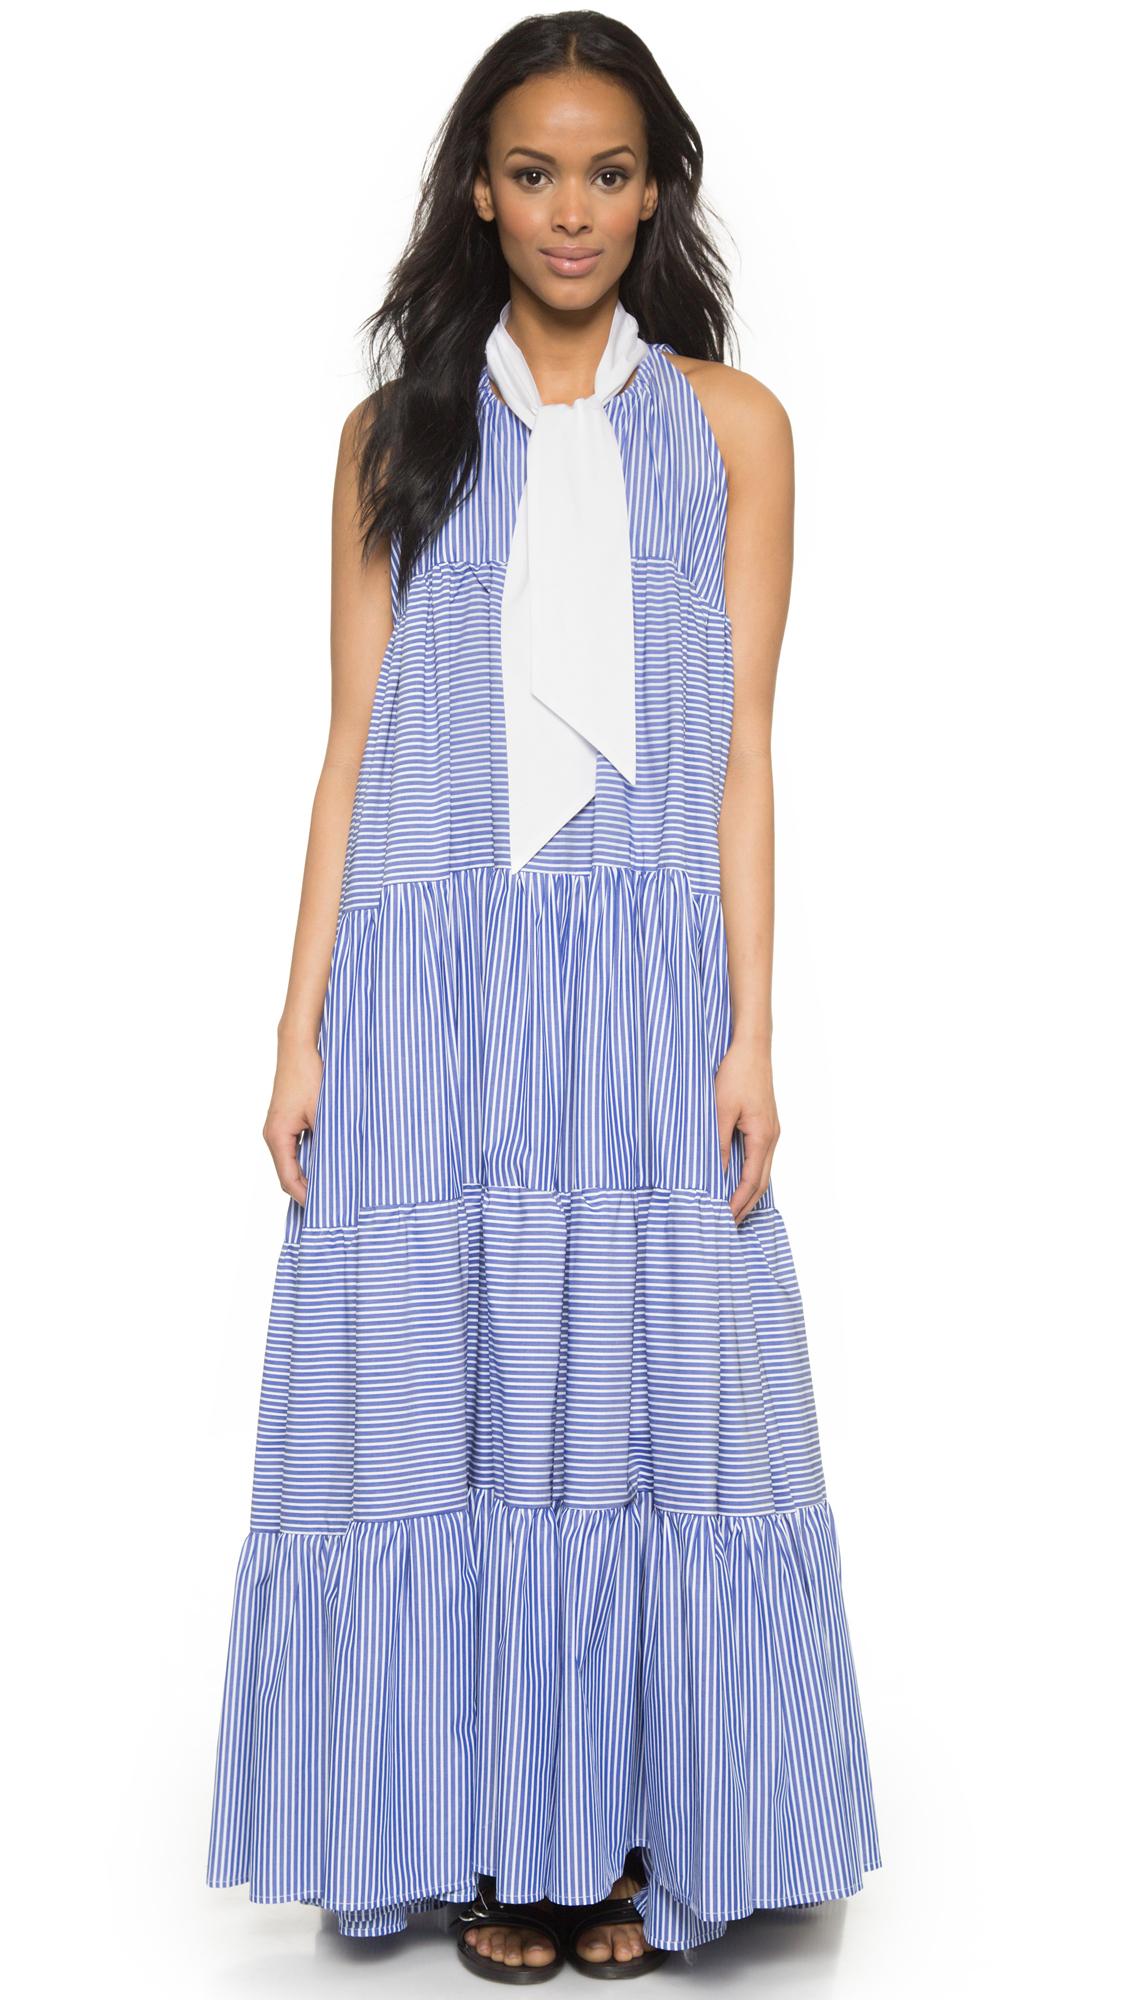 Lyst Lisa Marie Fernandez Baby Doll Maxi Dress Navy Stripe in Blue